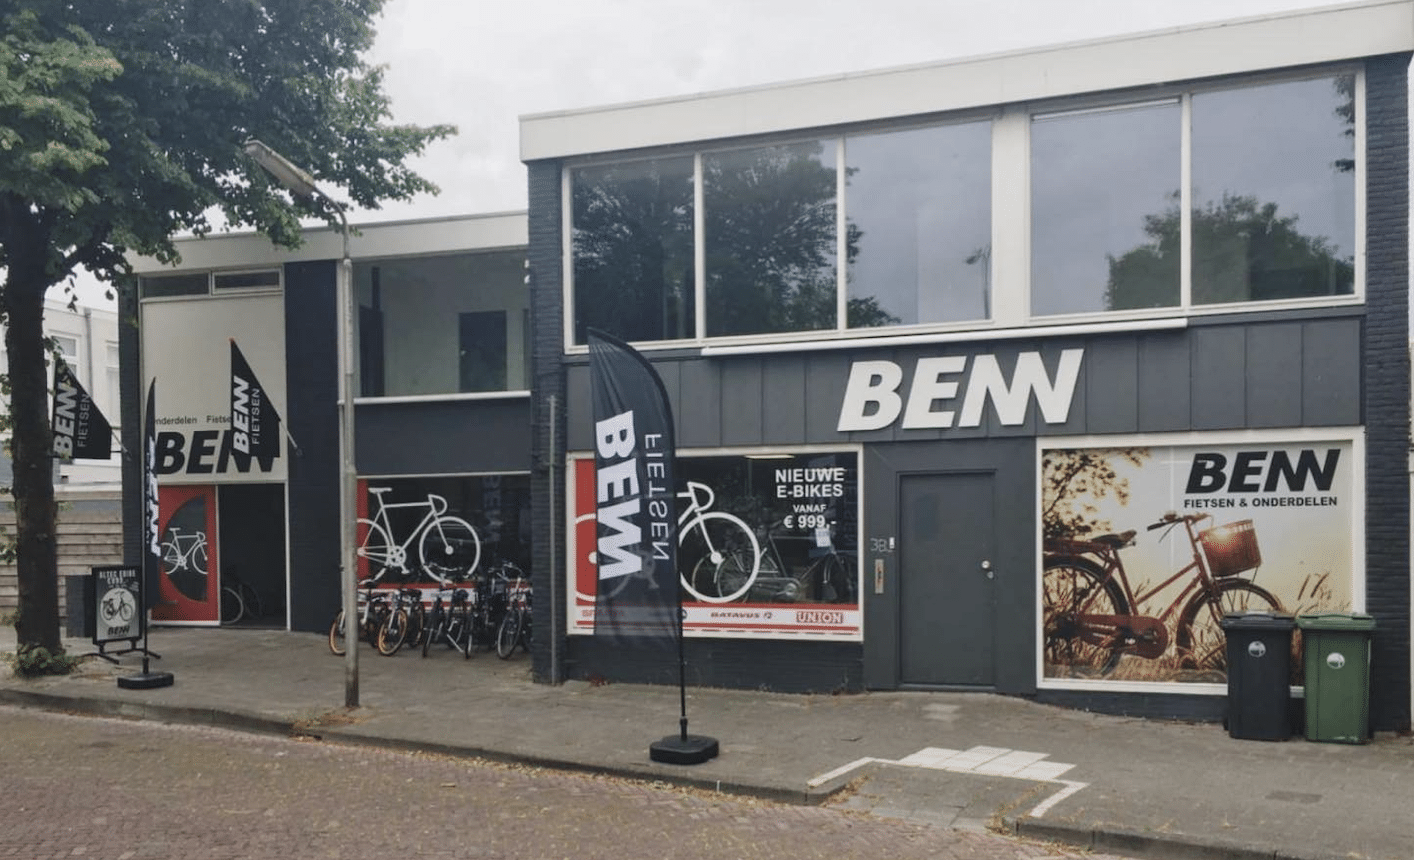 Benn fietsenwinkel Leeuwarden onderhoud ebike